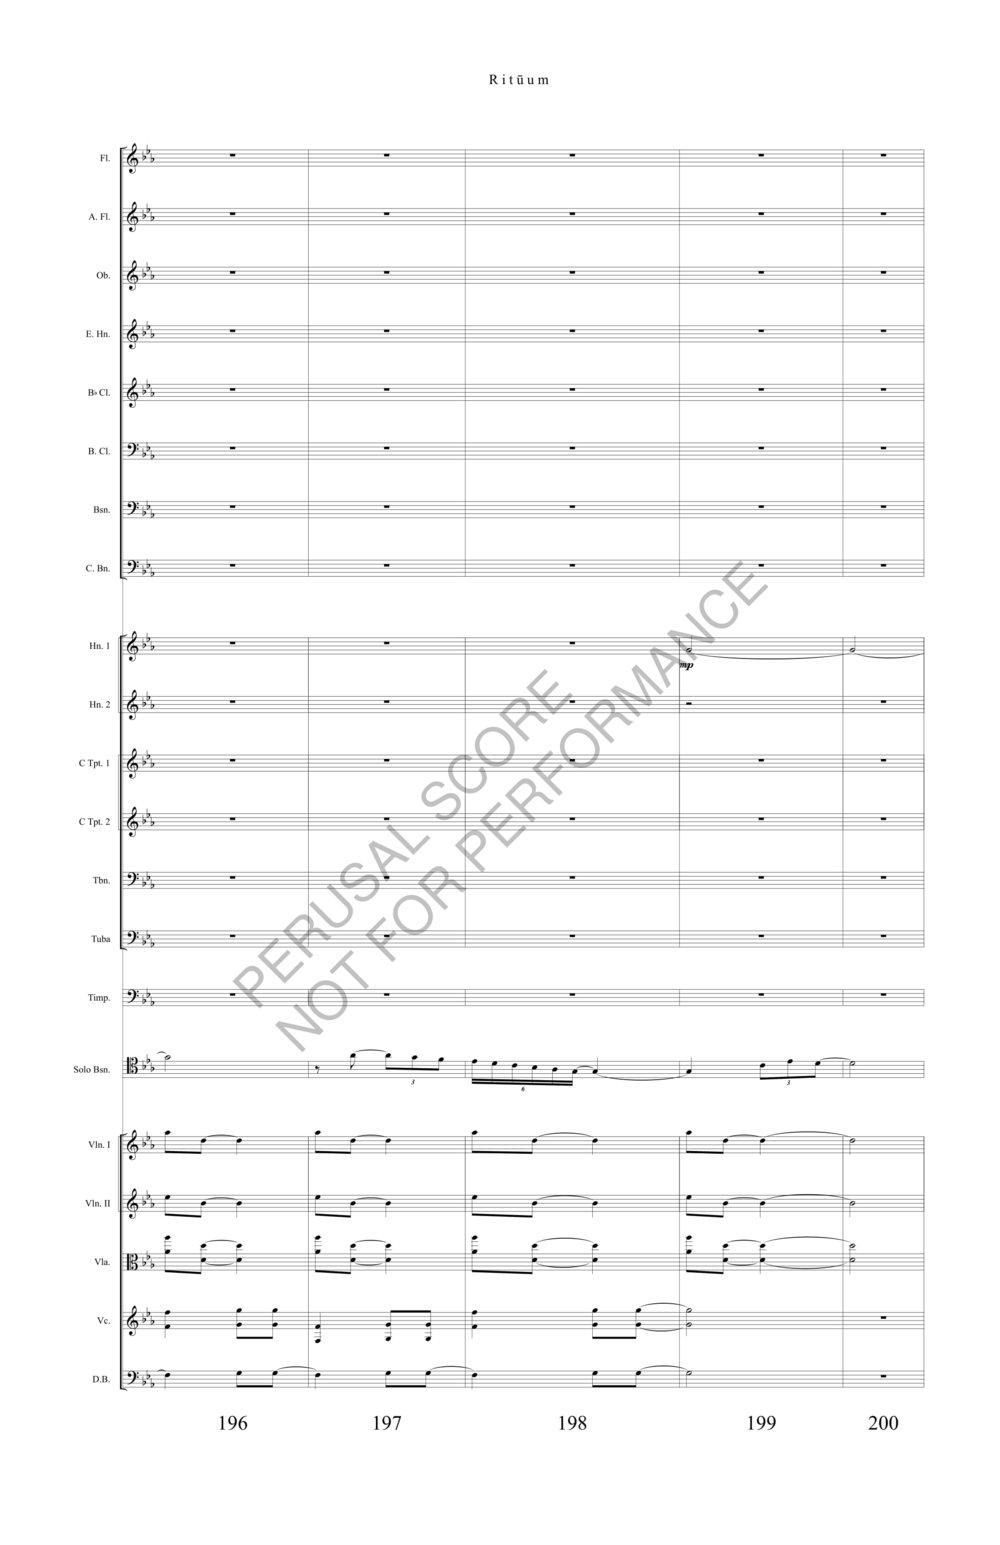 Boyd Rituum Score-watermark (1)-47.jpg